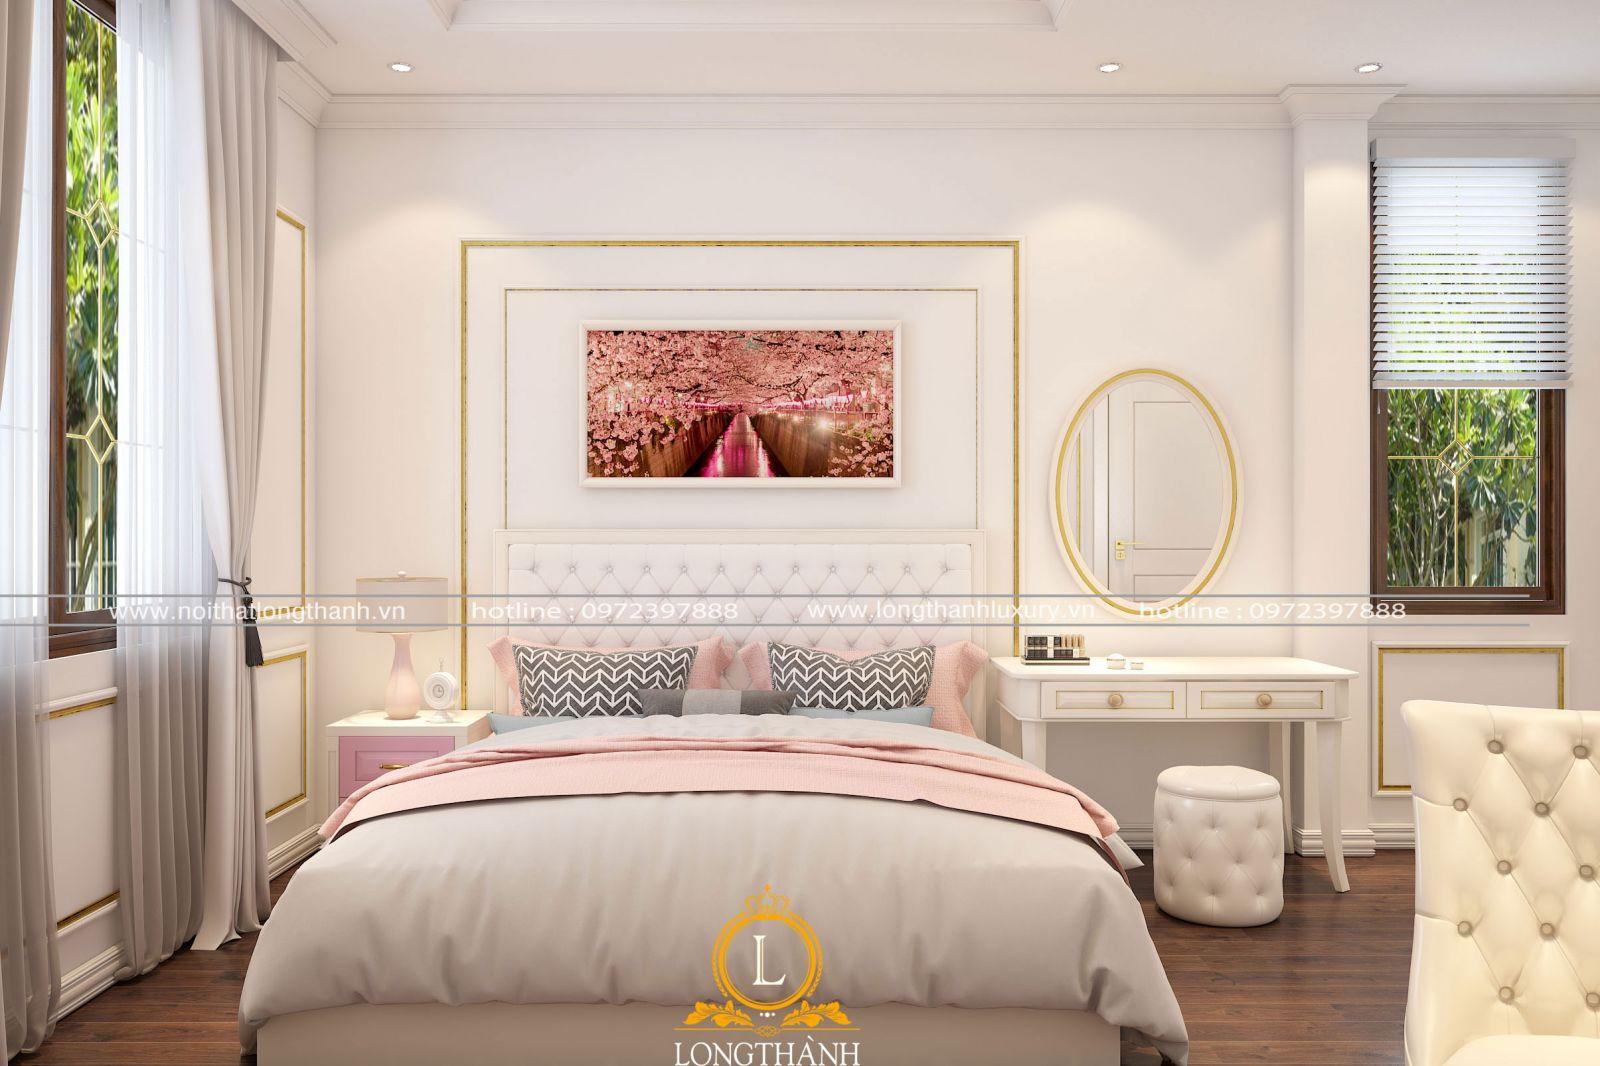 Phòng ngủ hiện đại sang trọng gam màu  trắng